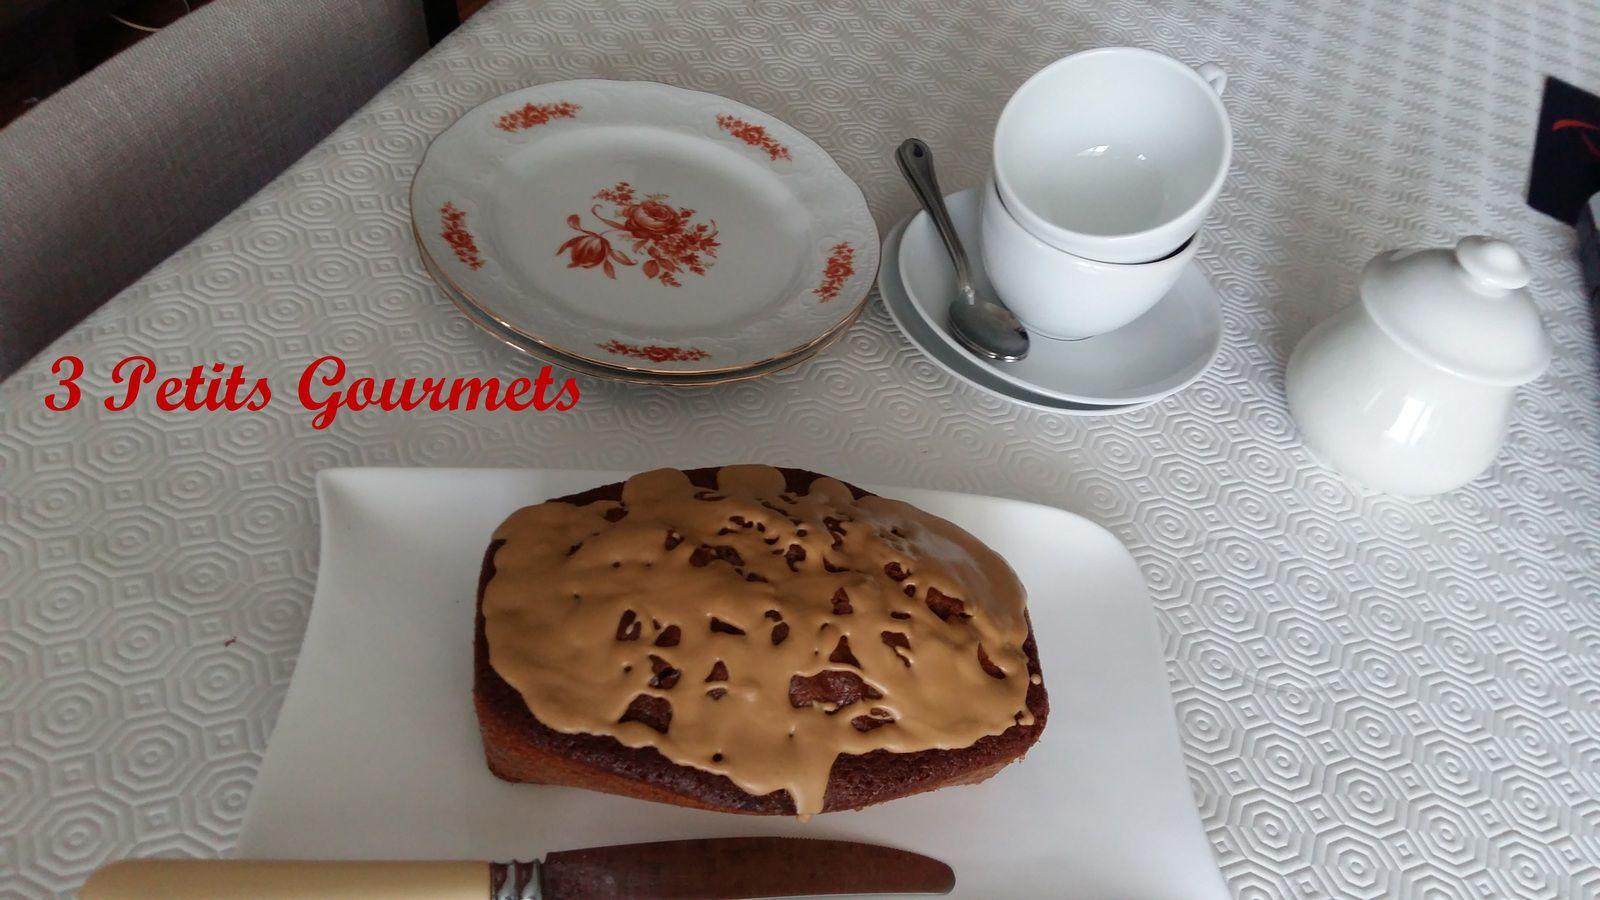 Un gâteau moelleux à la crème de marrons avec un glaçage au chocolat dulcey